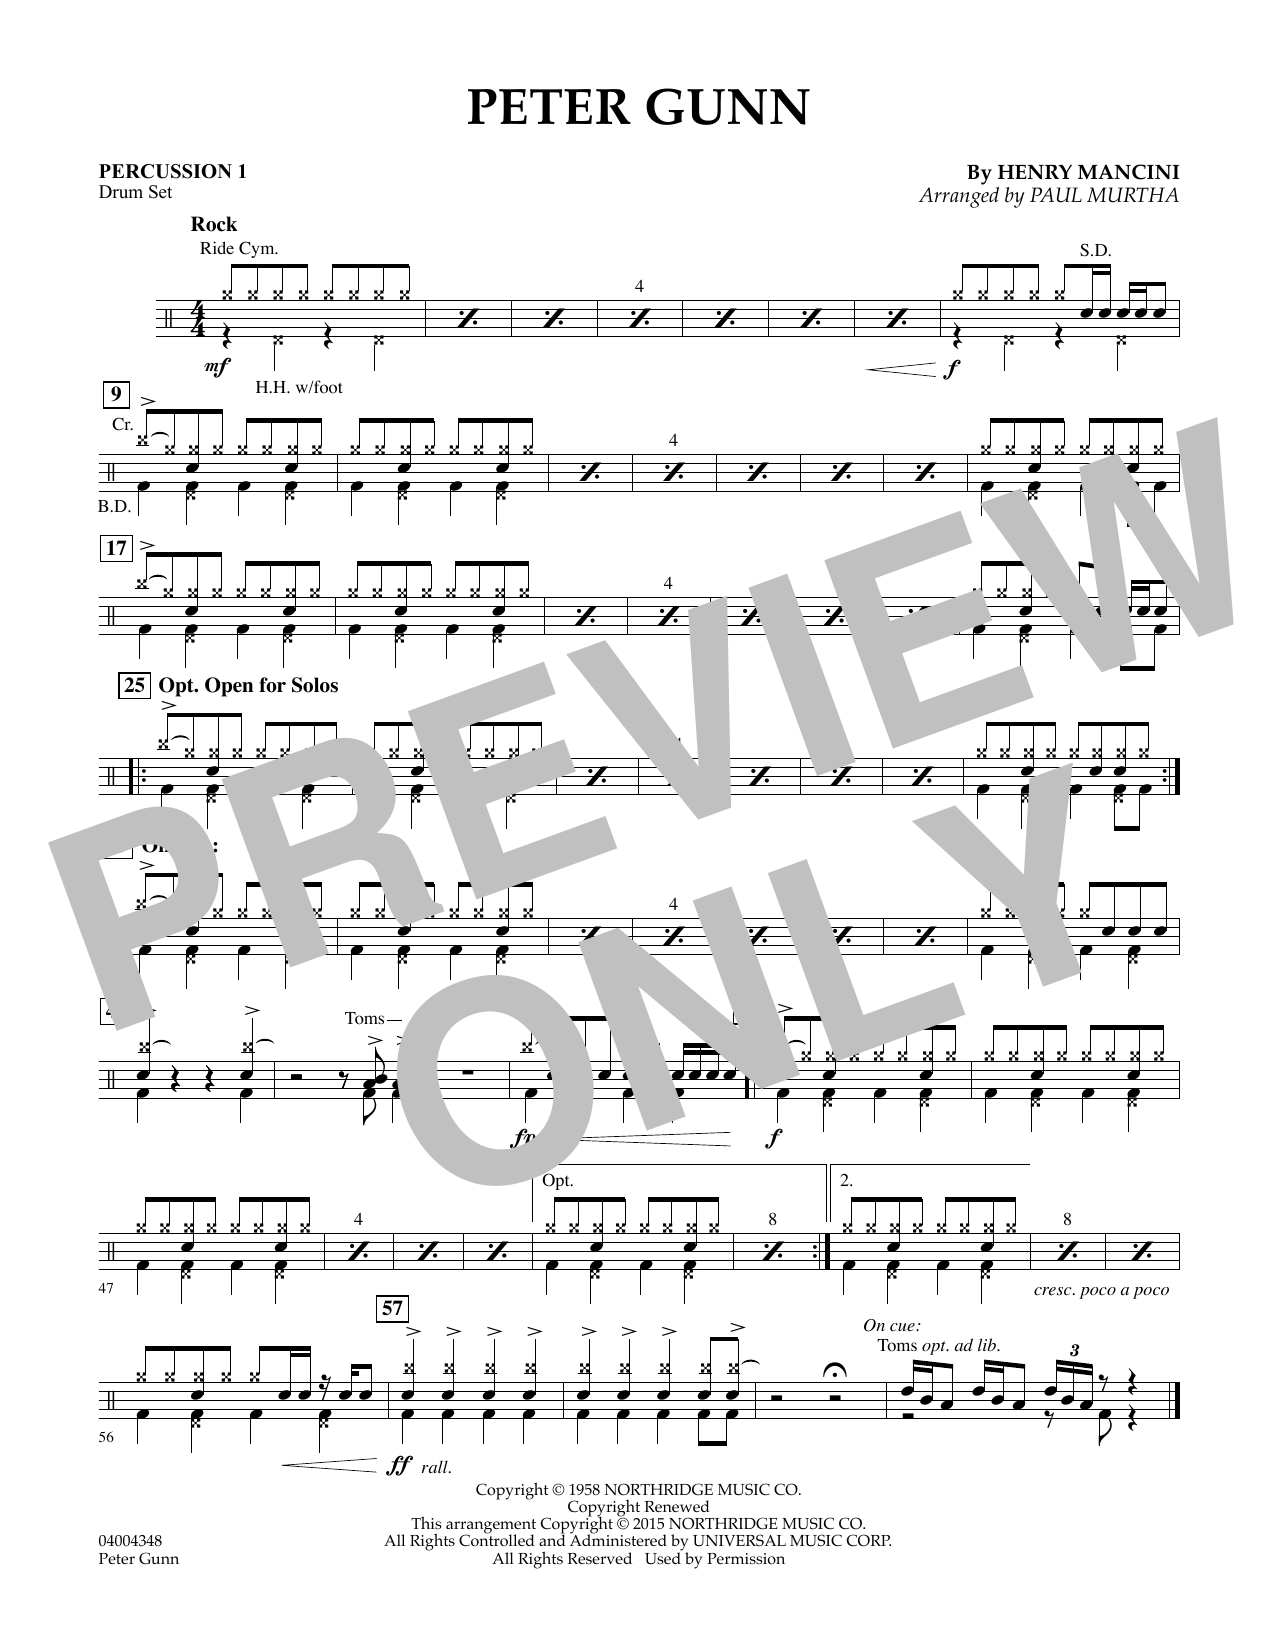 Peter Gunn - Percussion 1 (Flex-Band)